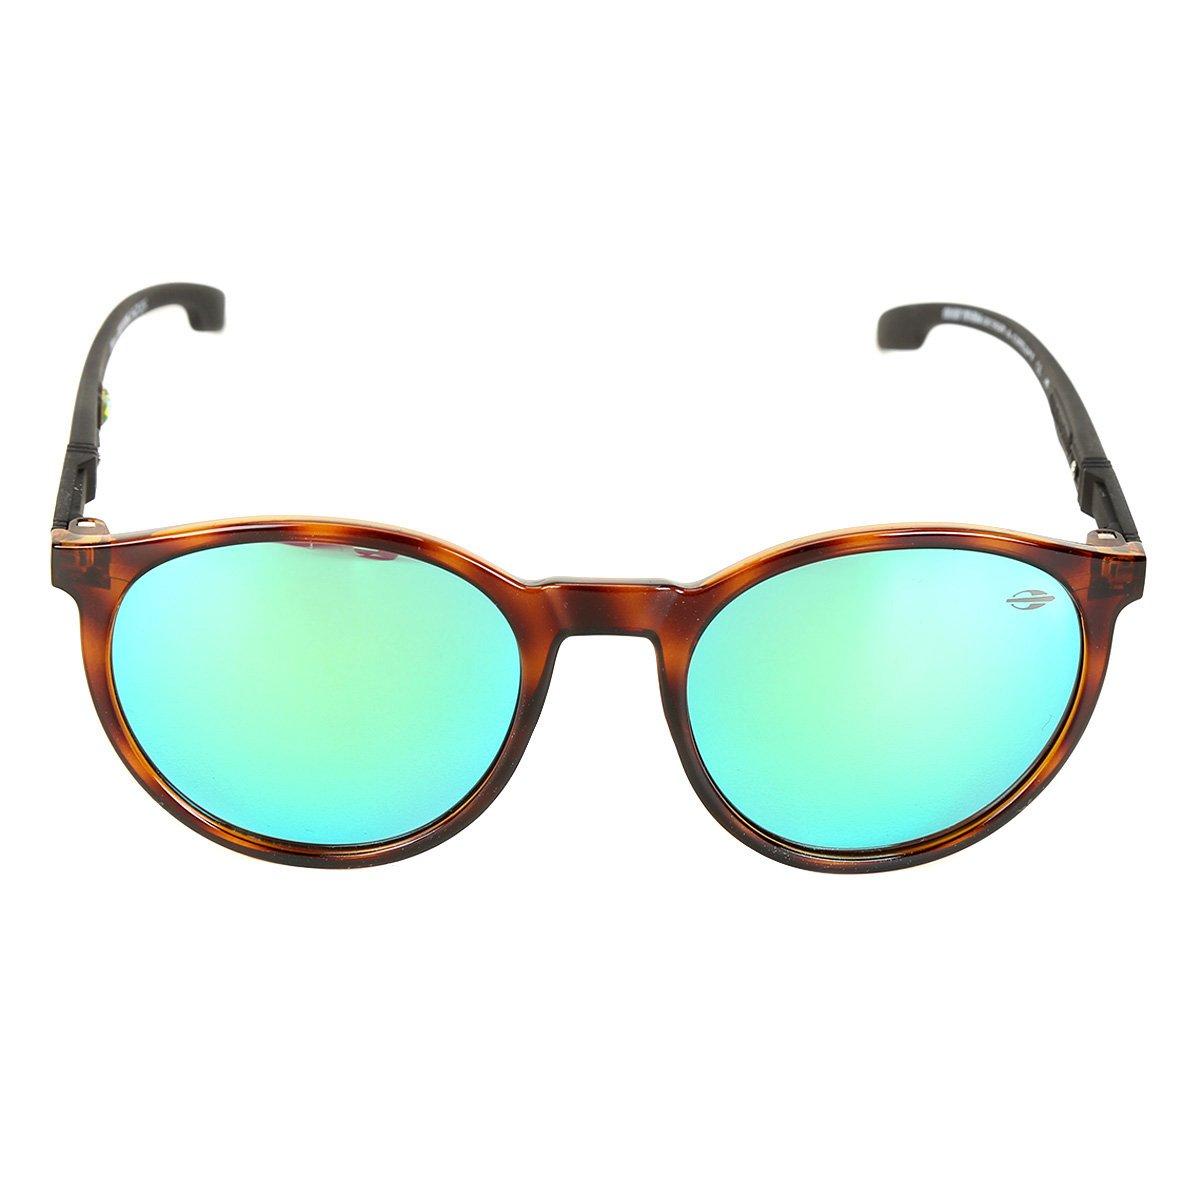 9c4ea0a7bafe1 Óculos De Sol Mormaii Maui Demi Brilho Feminino - Compre Agora ...